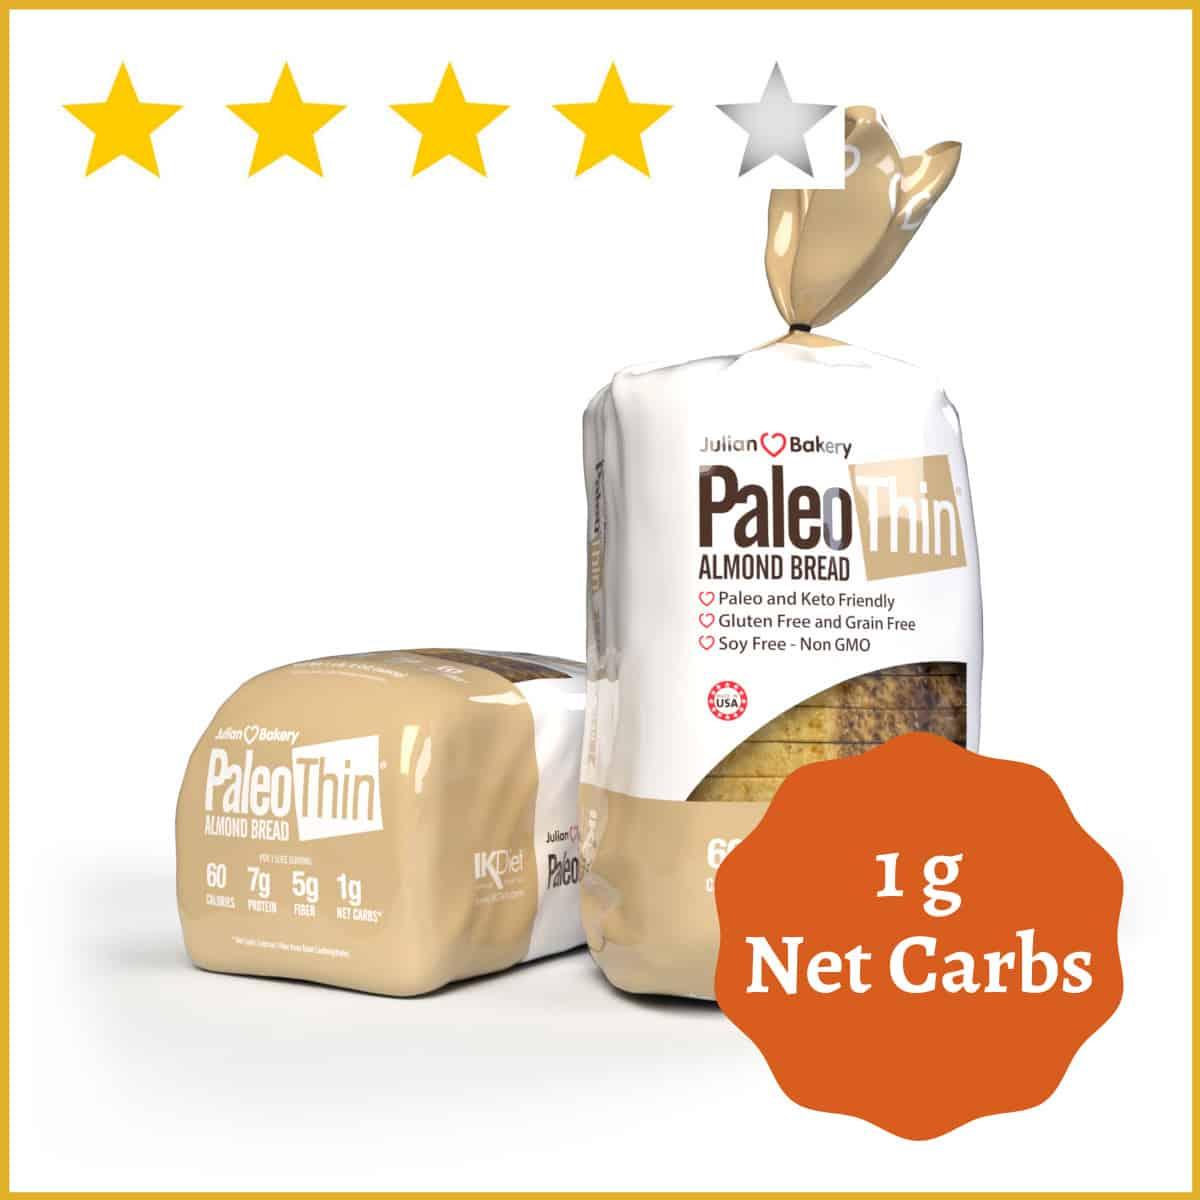 Julian Bakery Paleo Thin